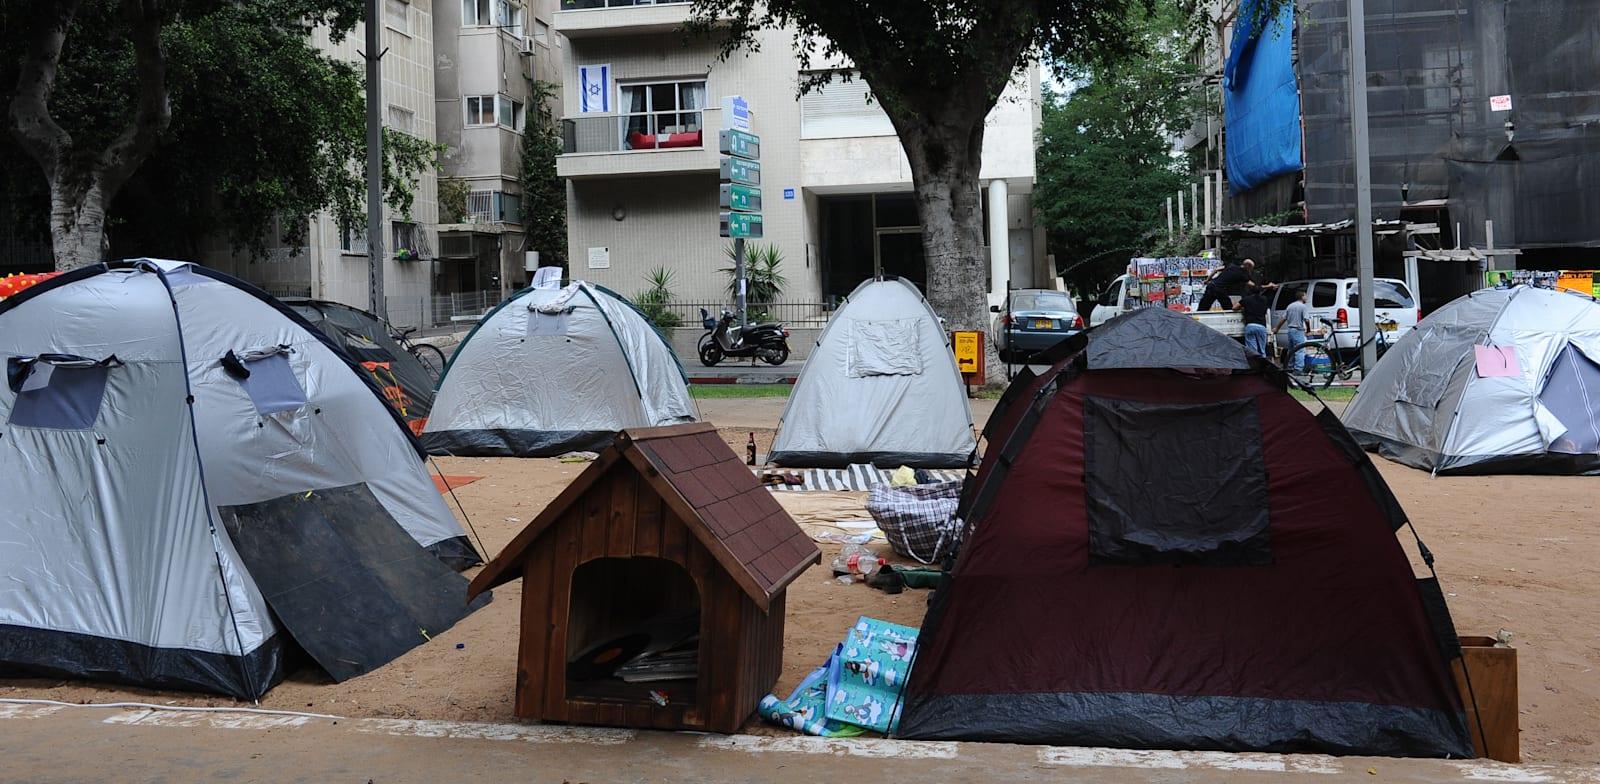 """מחאת אוהלים נגד מחירי הדיור, בשדרות רוטשילד בת""""א 2011 / צילום: תמר מצפי"""